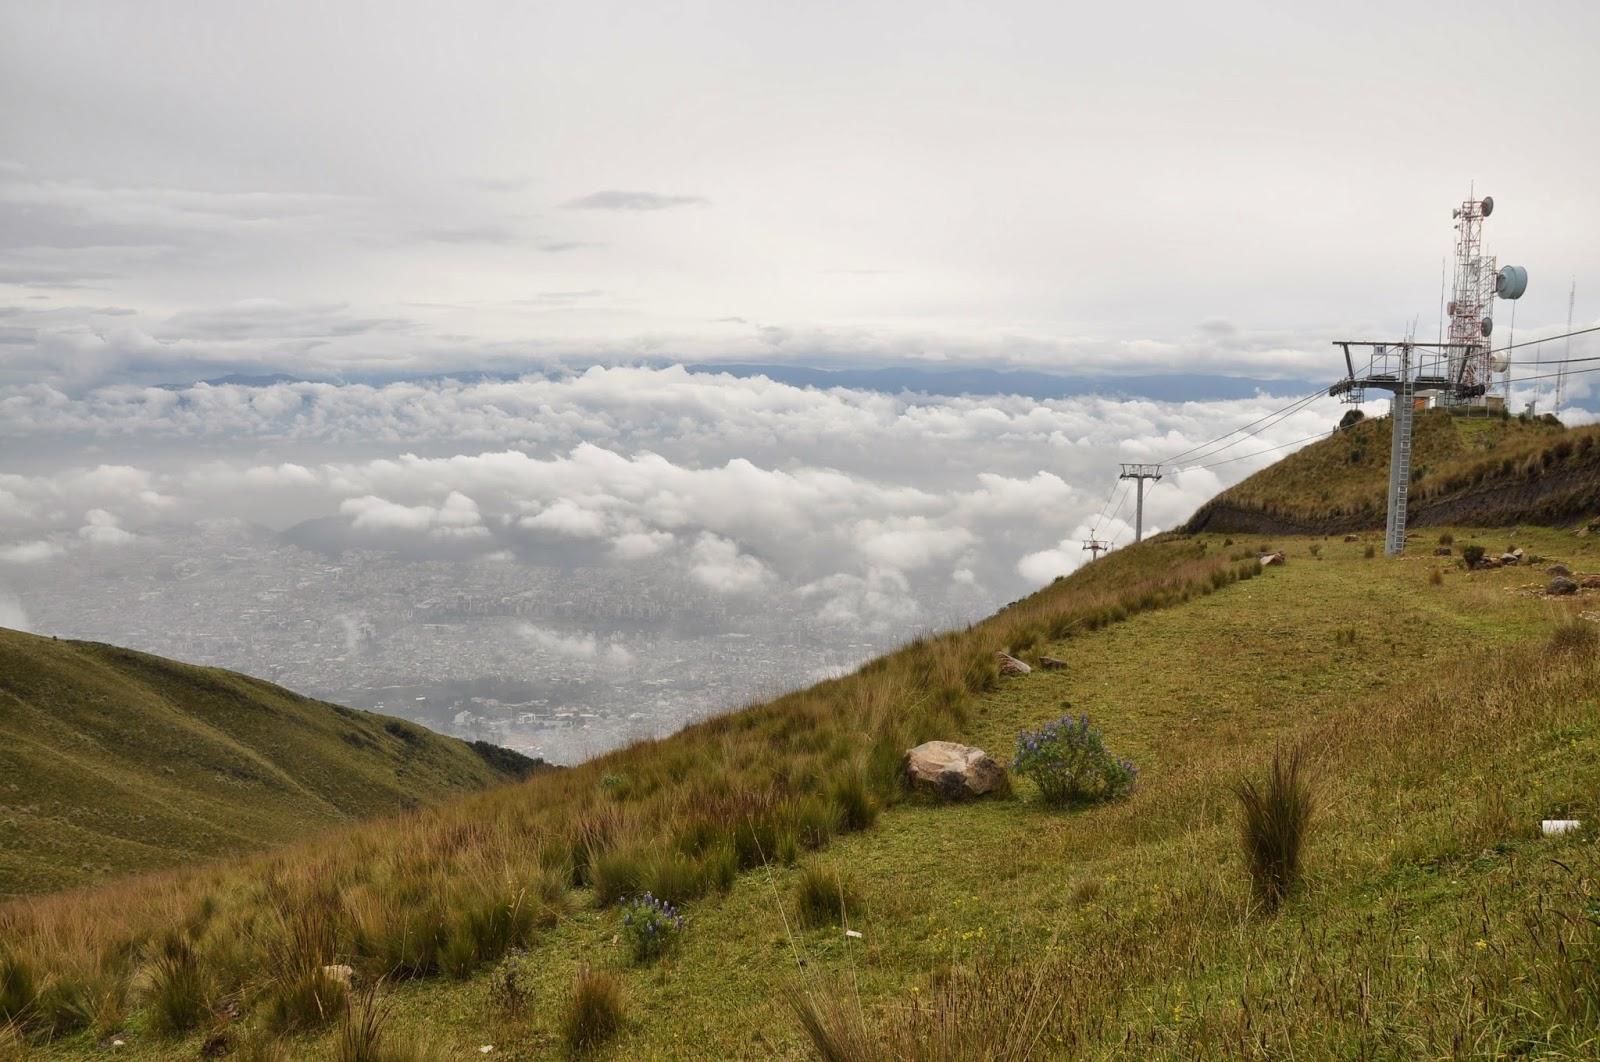 Teleferico Cable Car Quito Ecuador